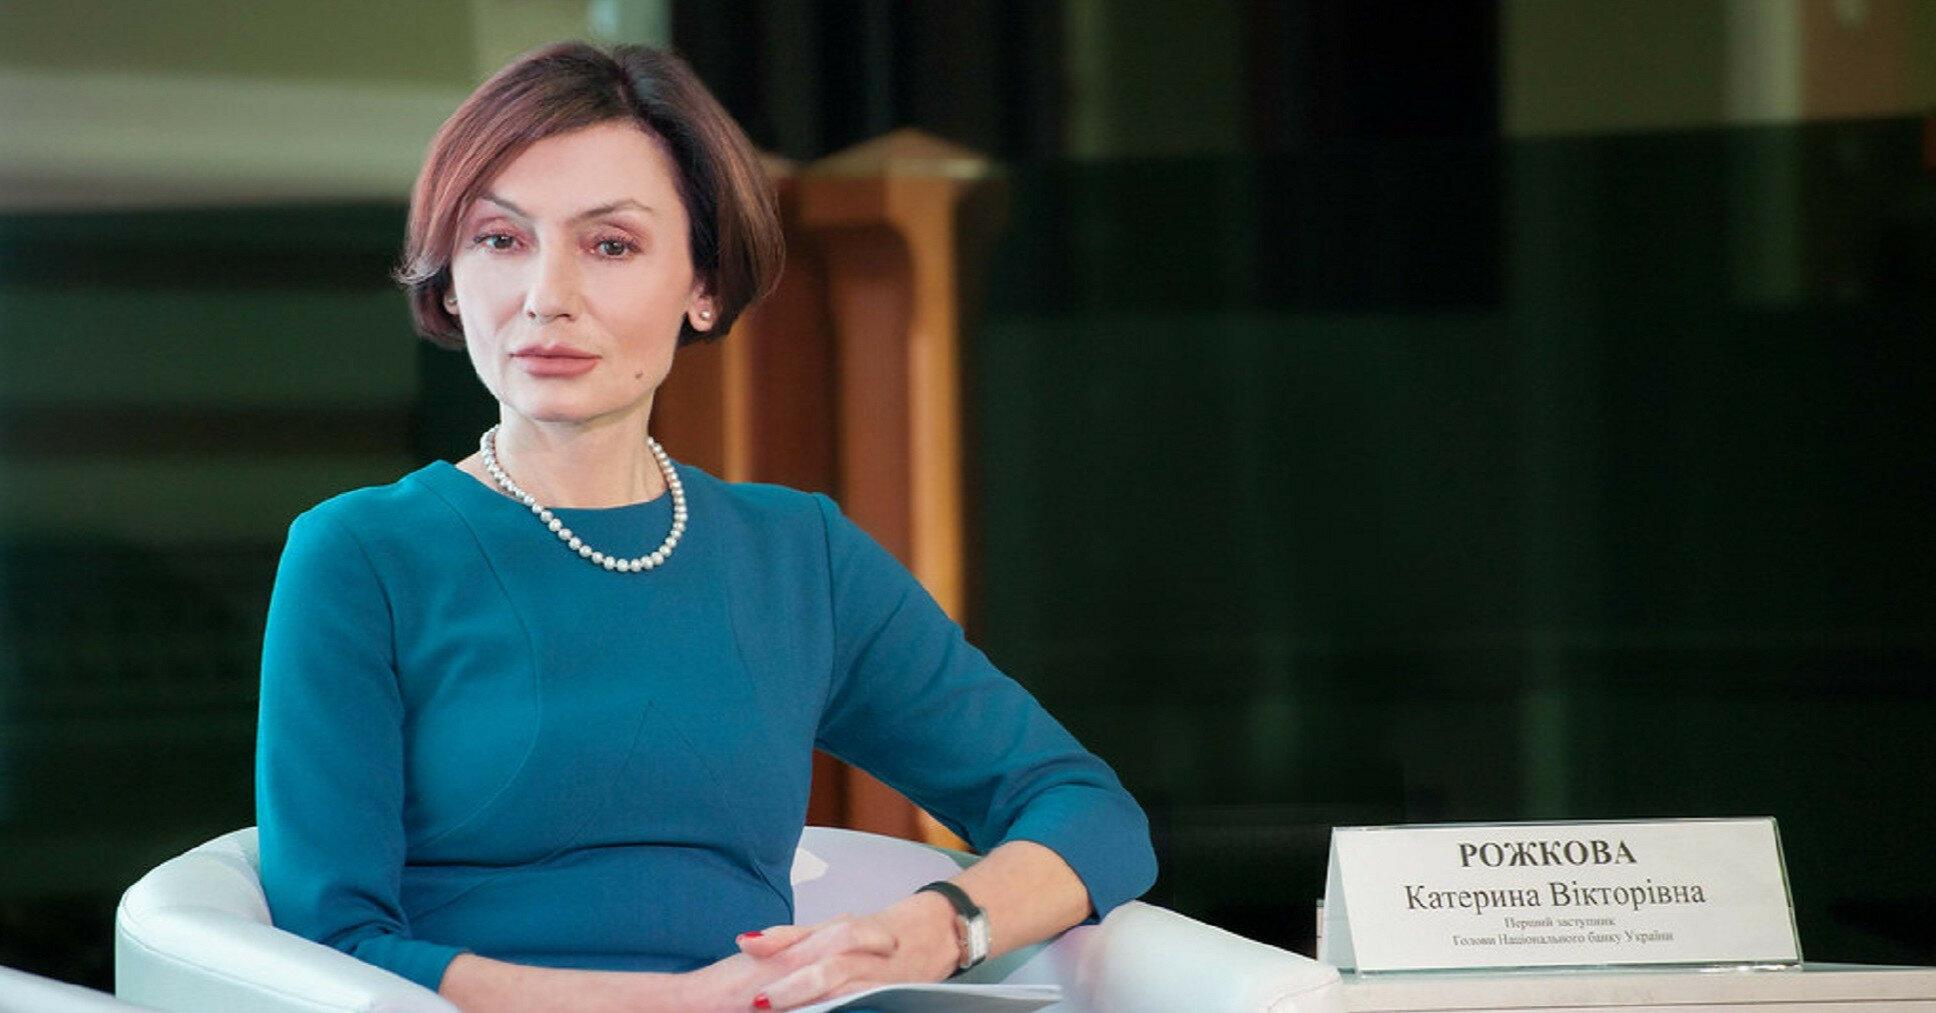 Дело Рожковой: суд признал законным выговор замглаве НБУ